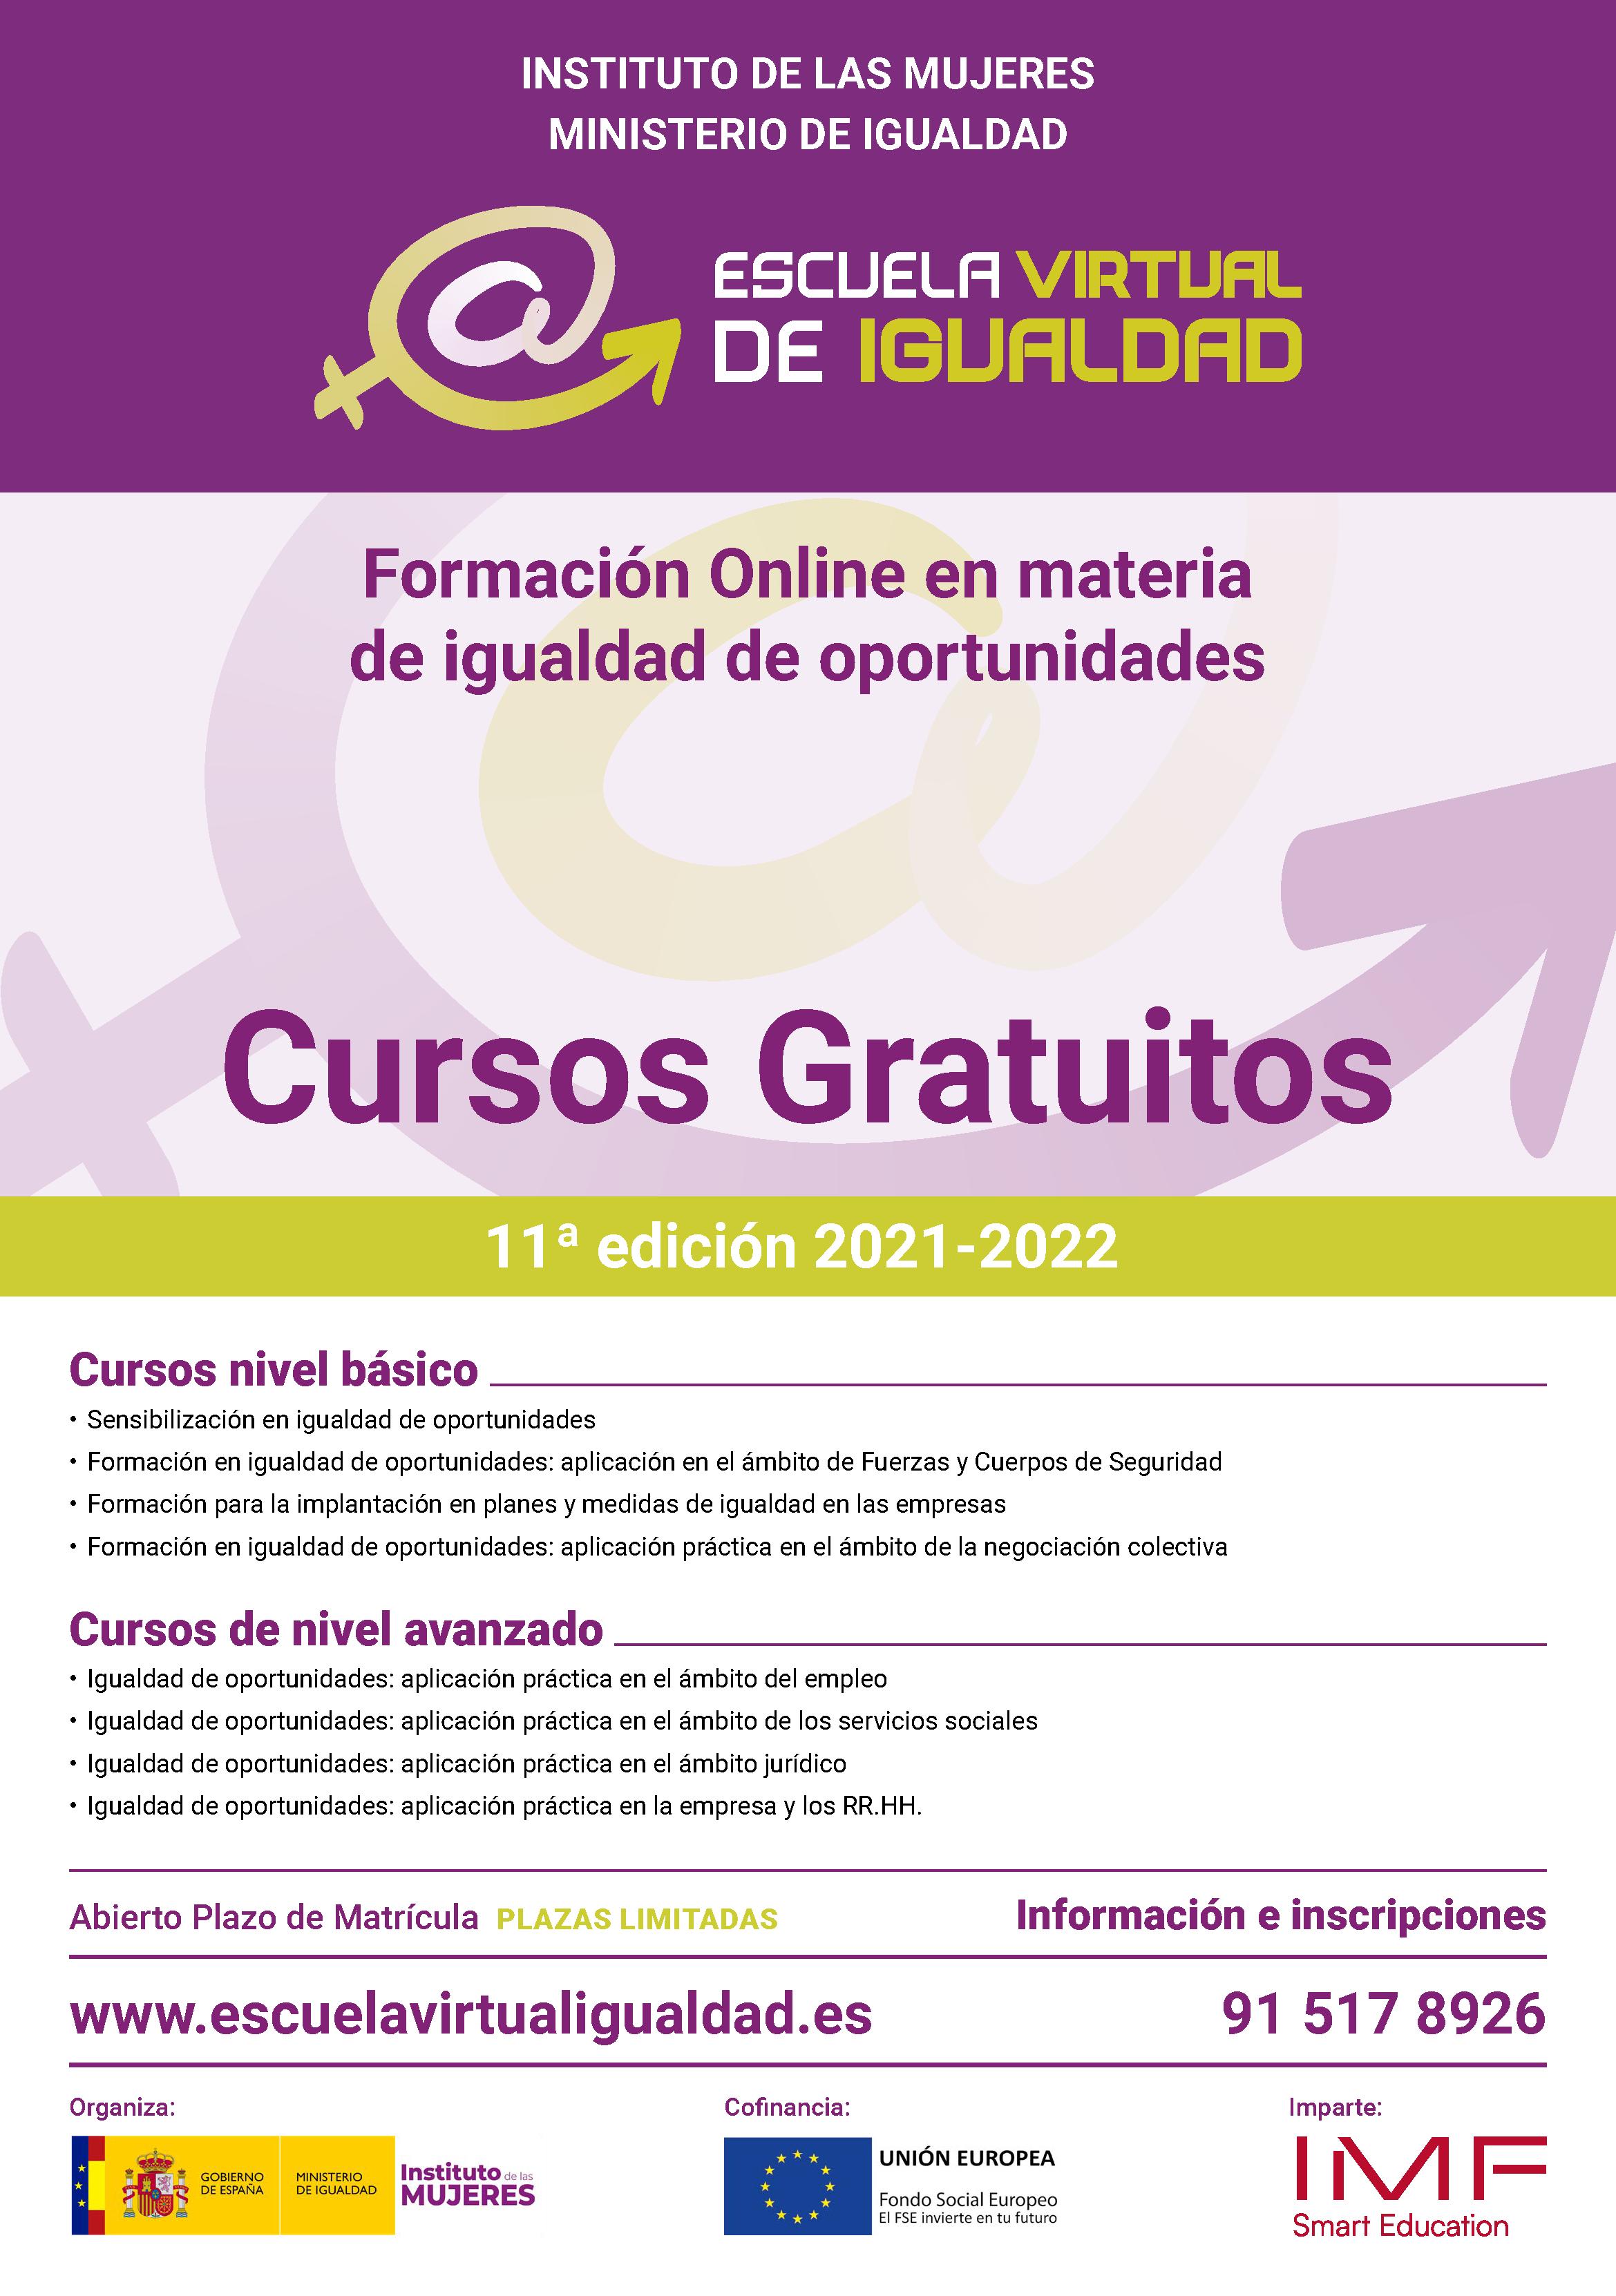 Cartel Escuela de Igualdad 2021 Online